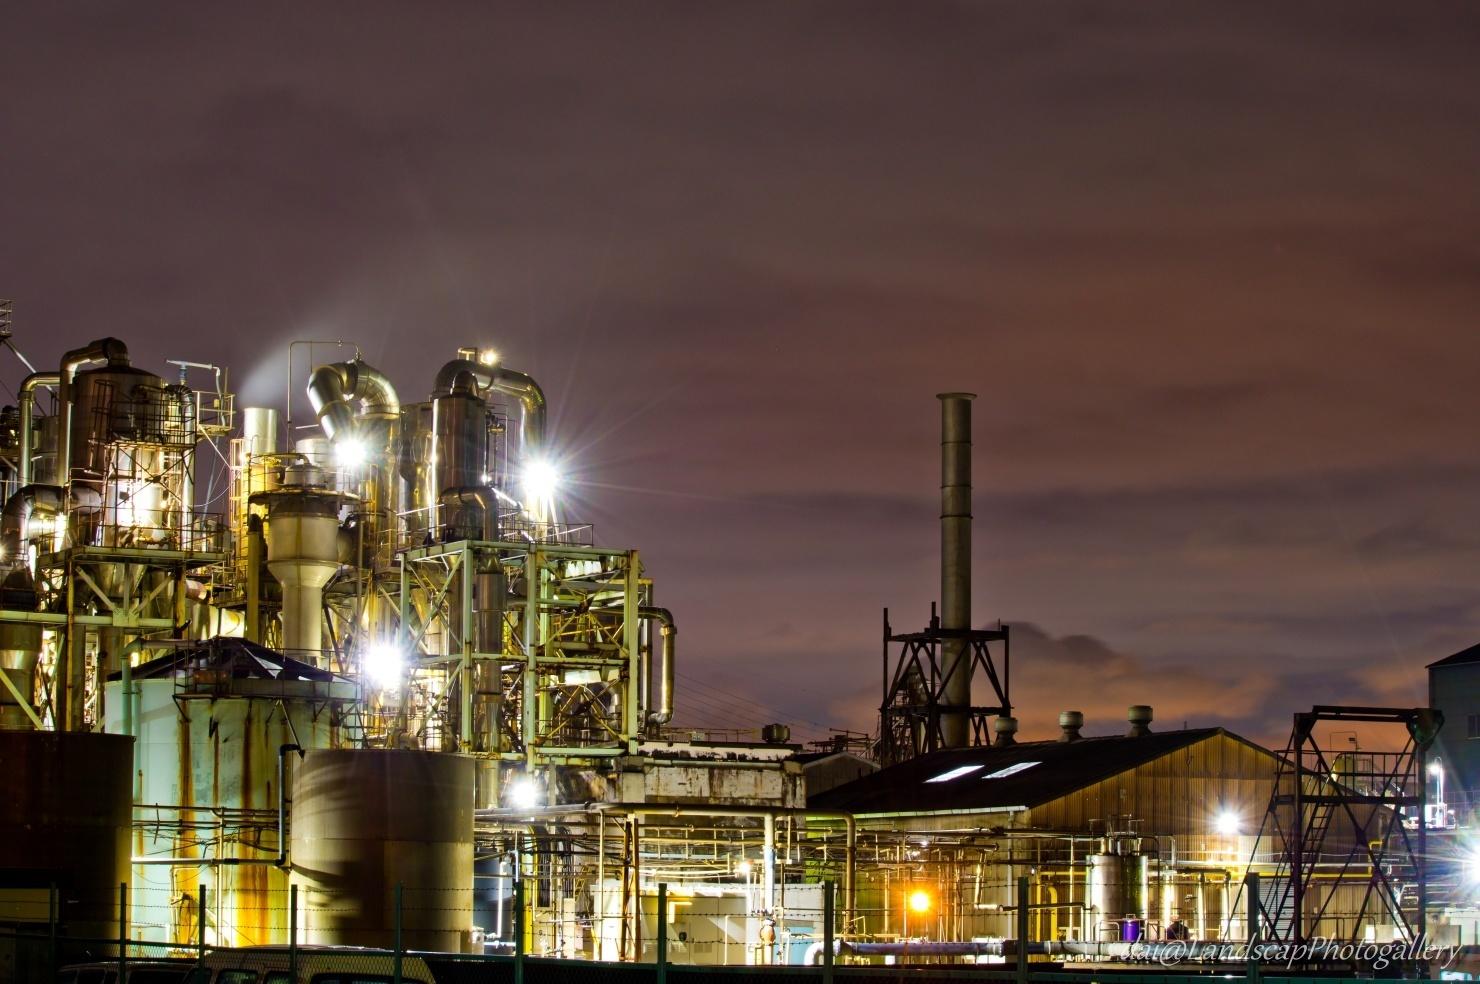 日本精塩工場夜景